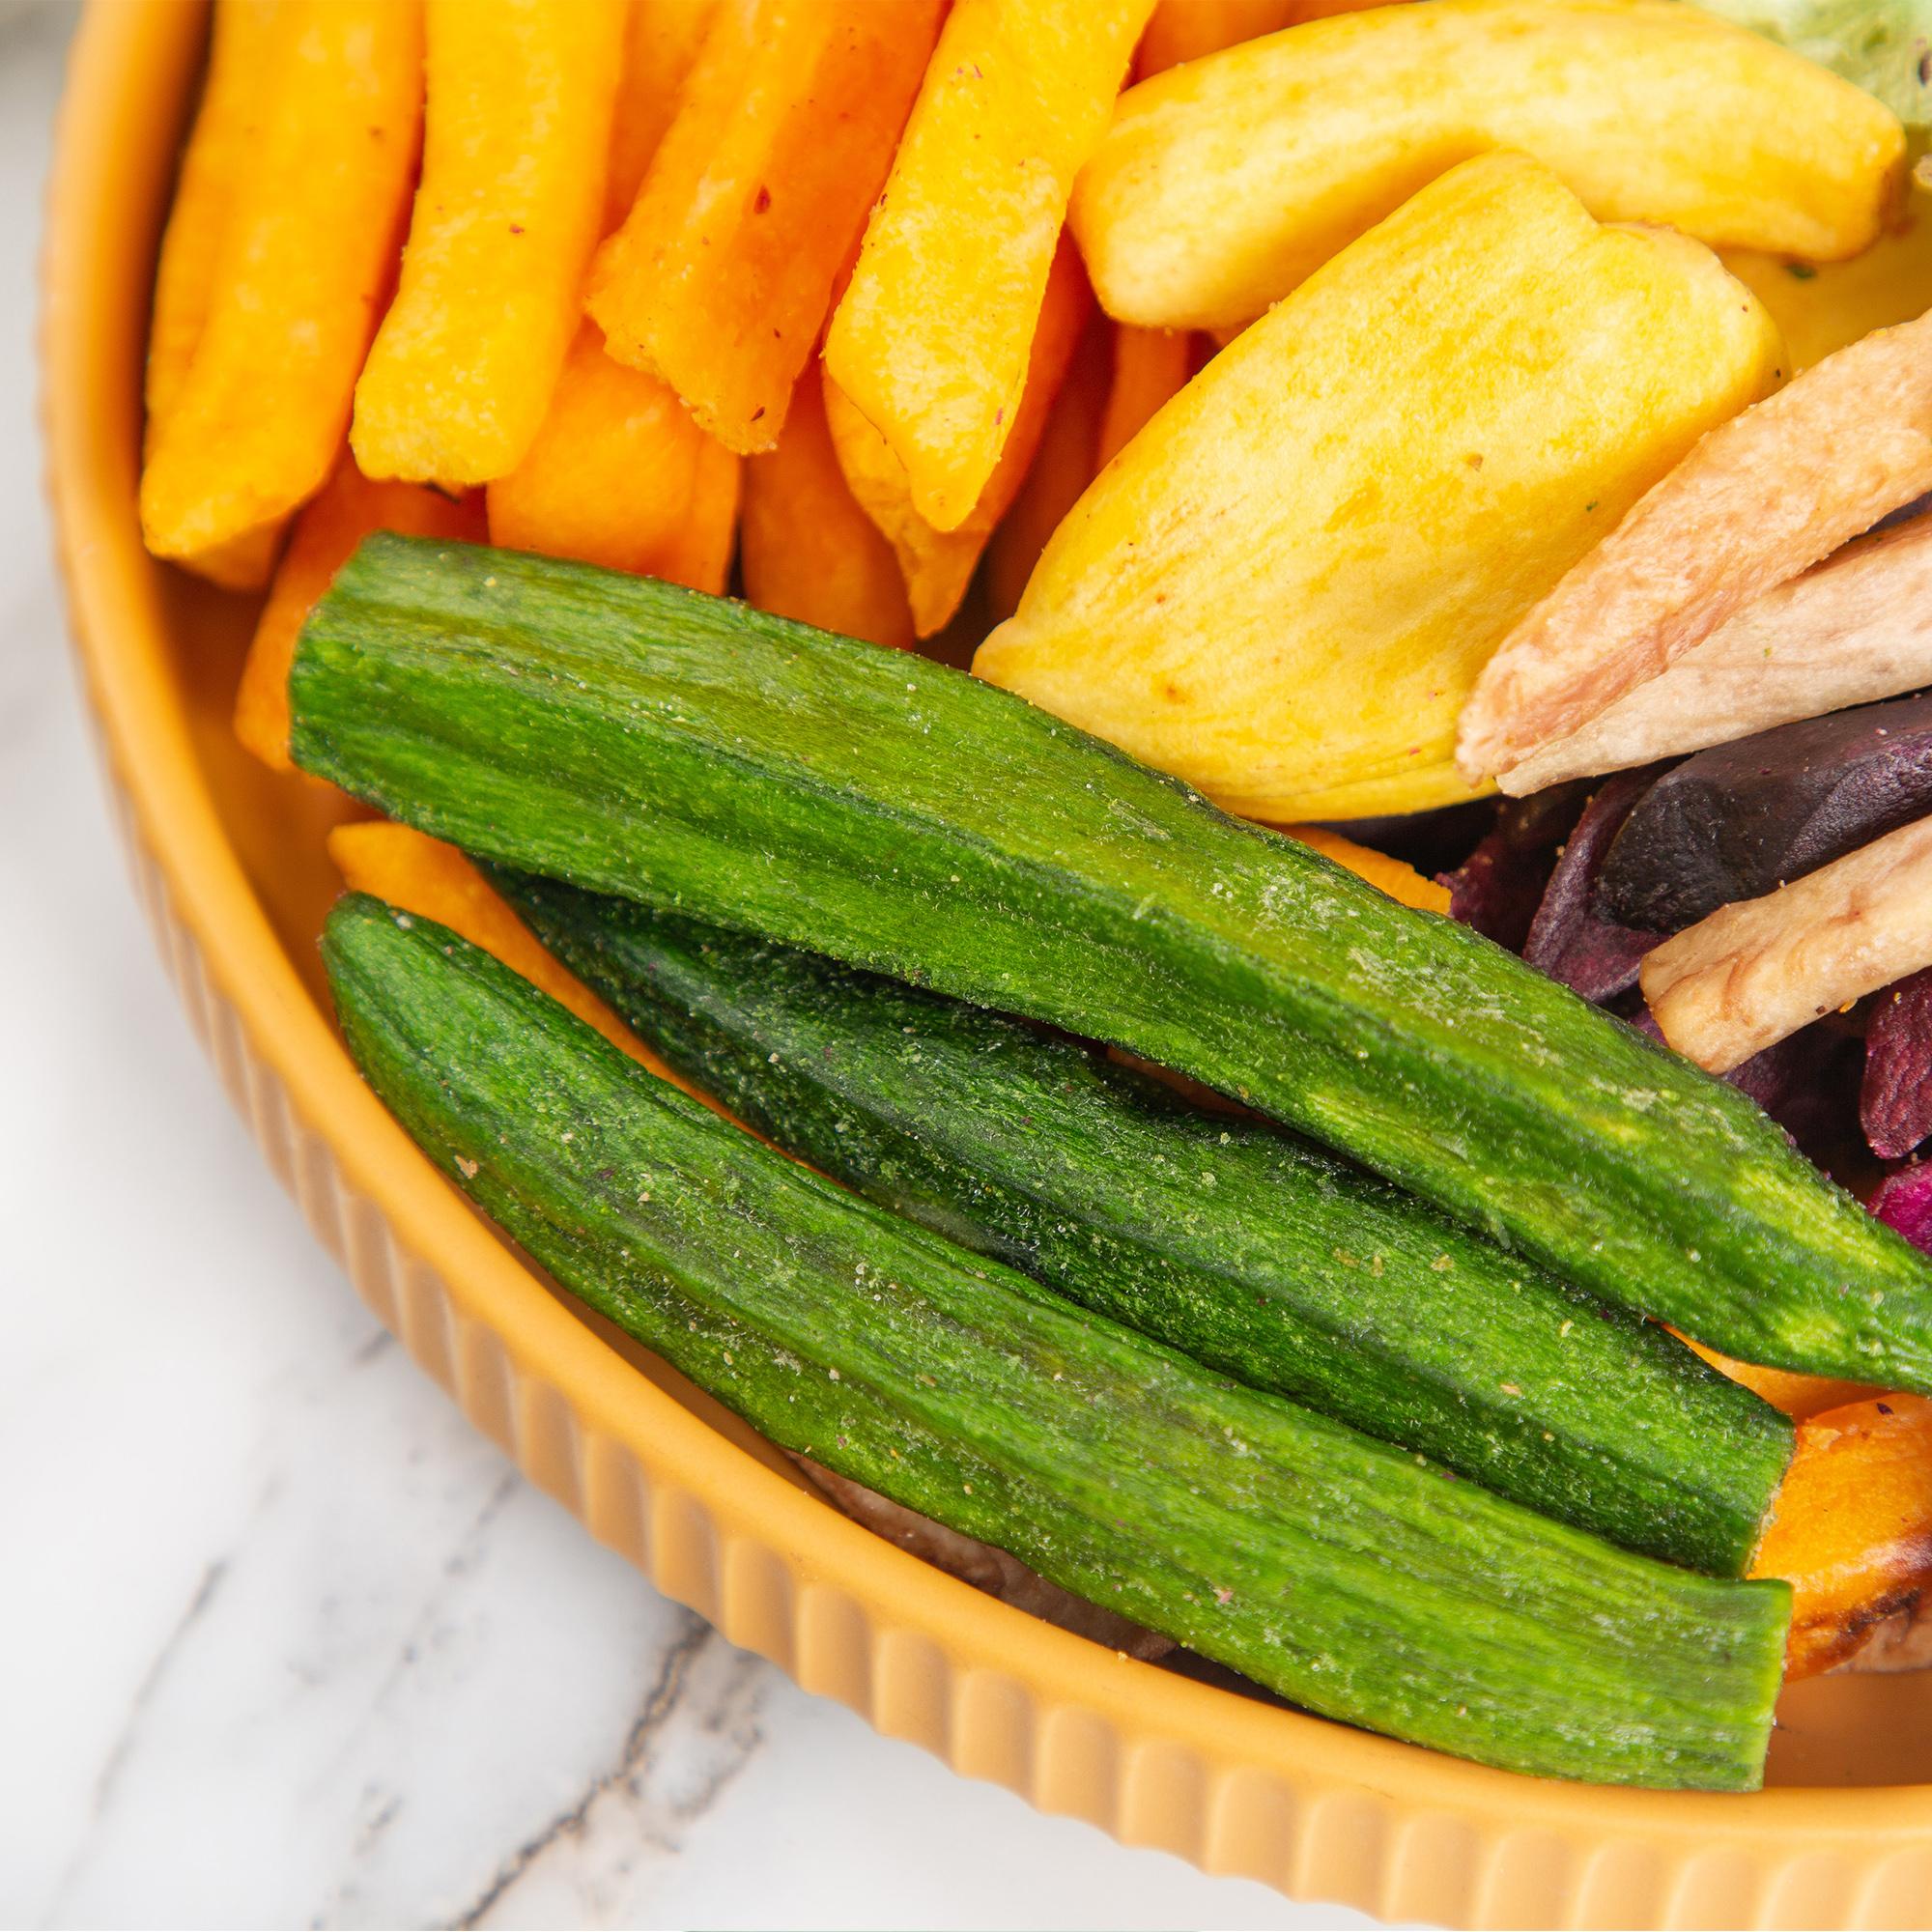 12种综合果蔬干混合装250g 秋葵干什锦果蔬脆脱水蔬菜干零食即食蔬果干健康零食 特惠装果蔬脆 商品图3